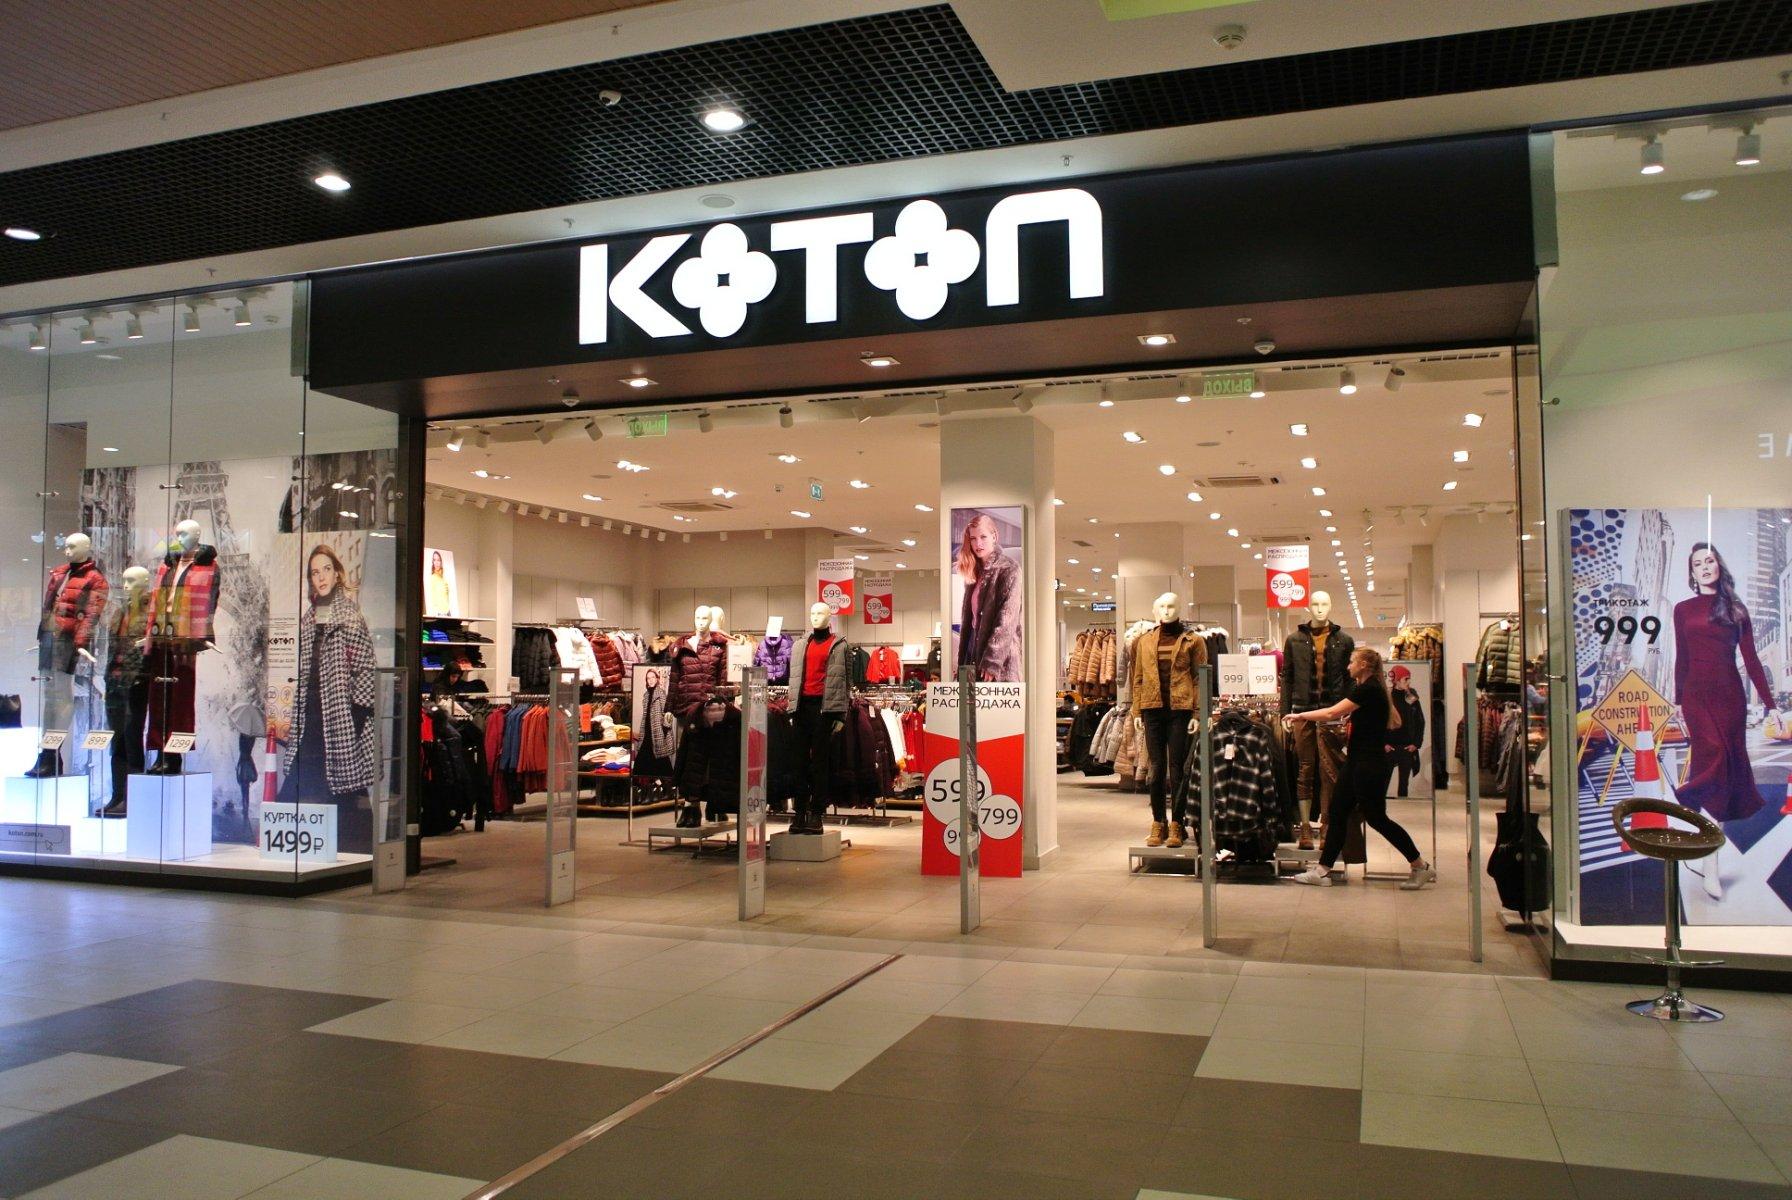 Cotton Одежда Магазины В Москве